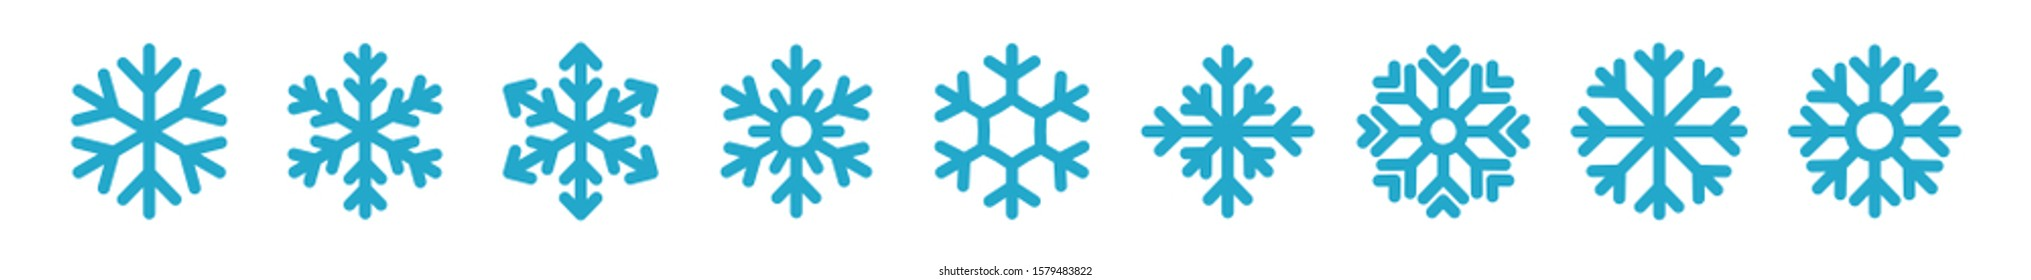 Frozen Symbol Images, Stock Photos & Vectors | Shutterstock